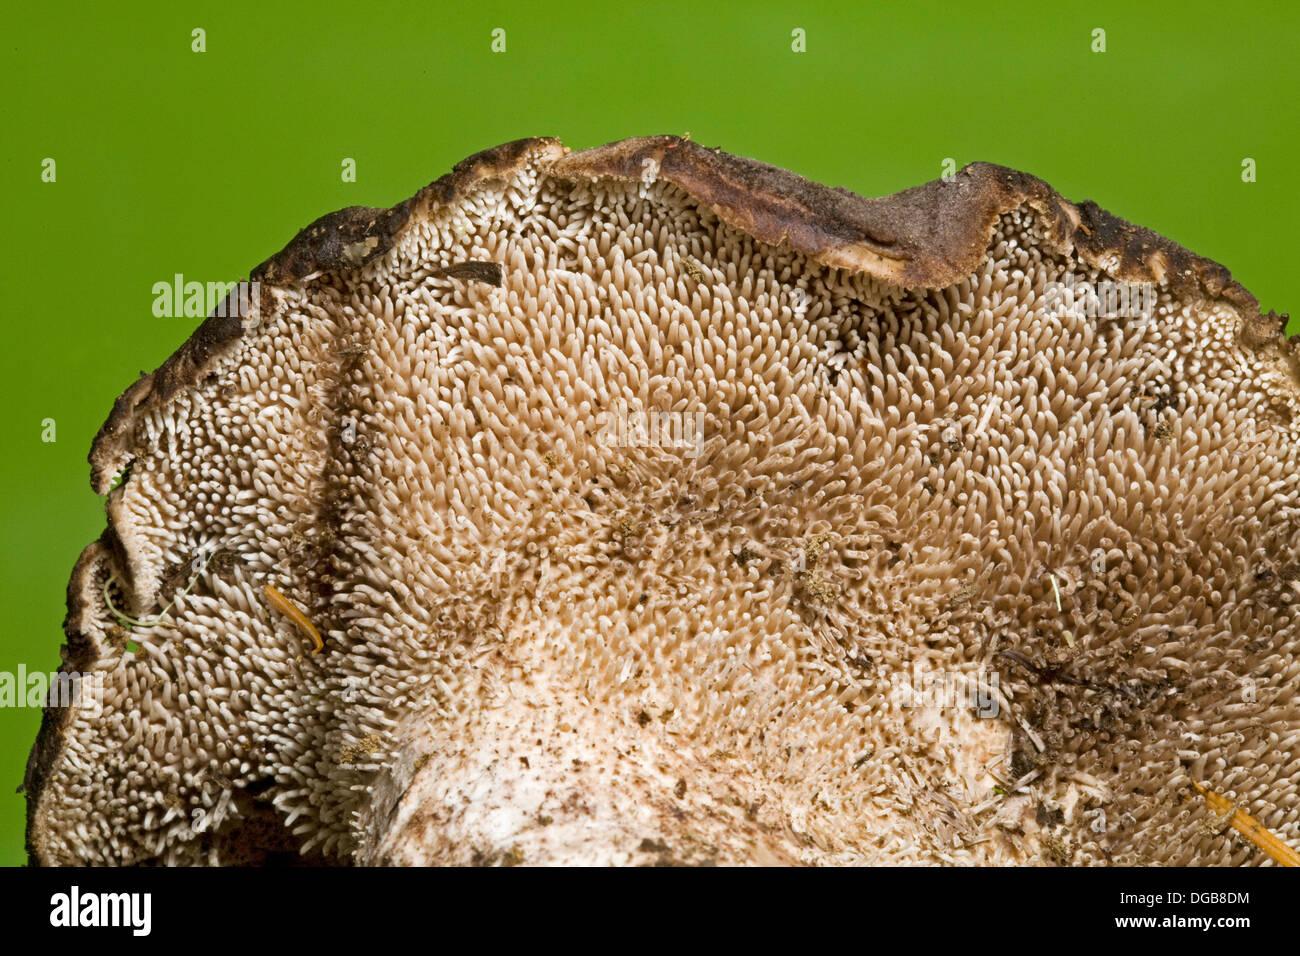 Di funghi selvatici con denti o spine invece di branchie, sotto il cappuccio, un fungo dentato Immagini Stock